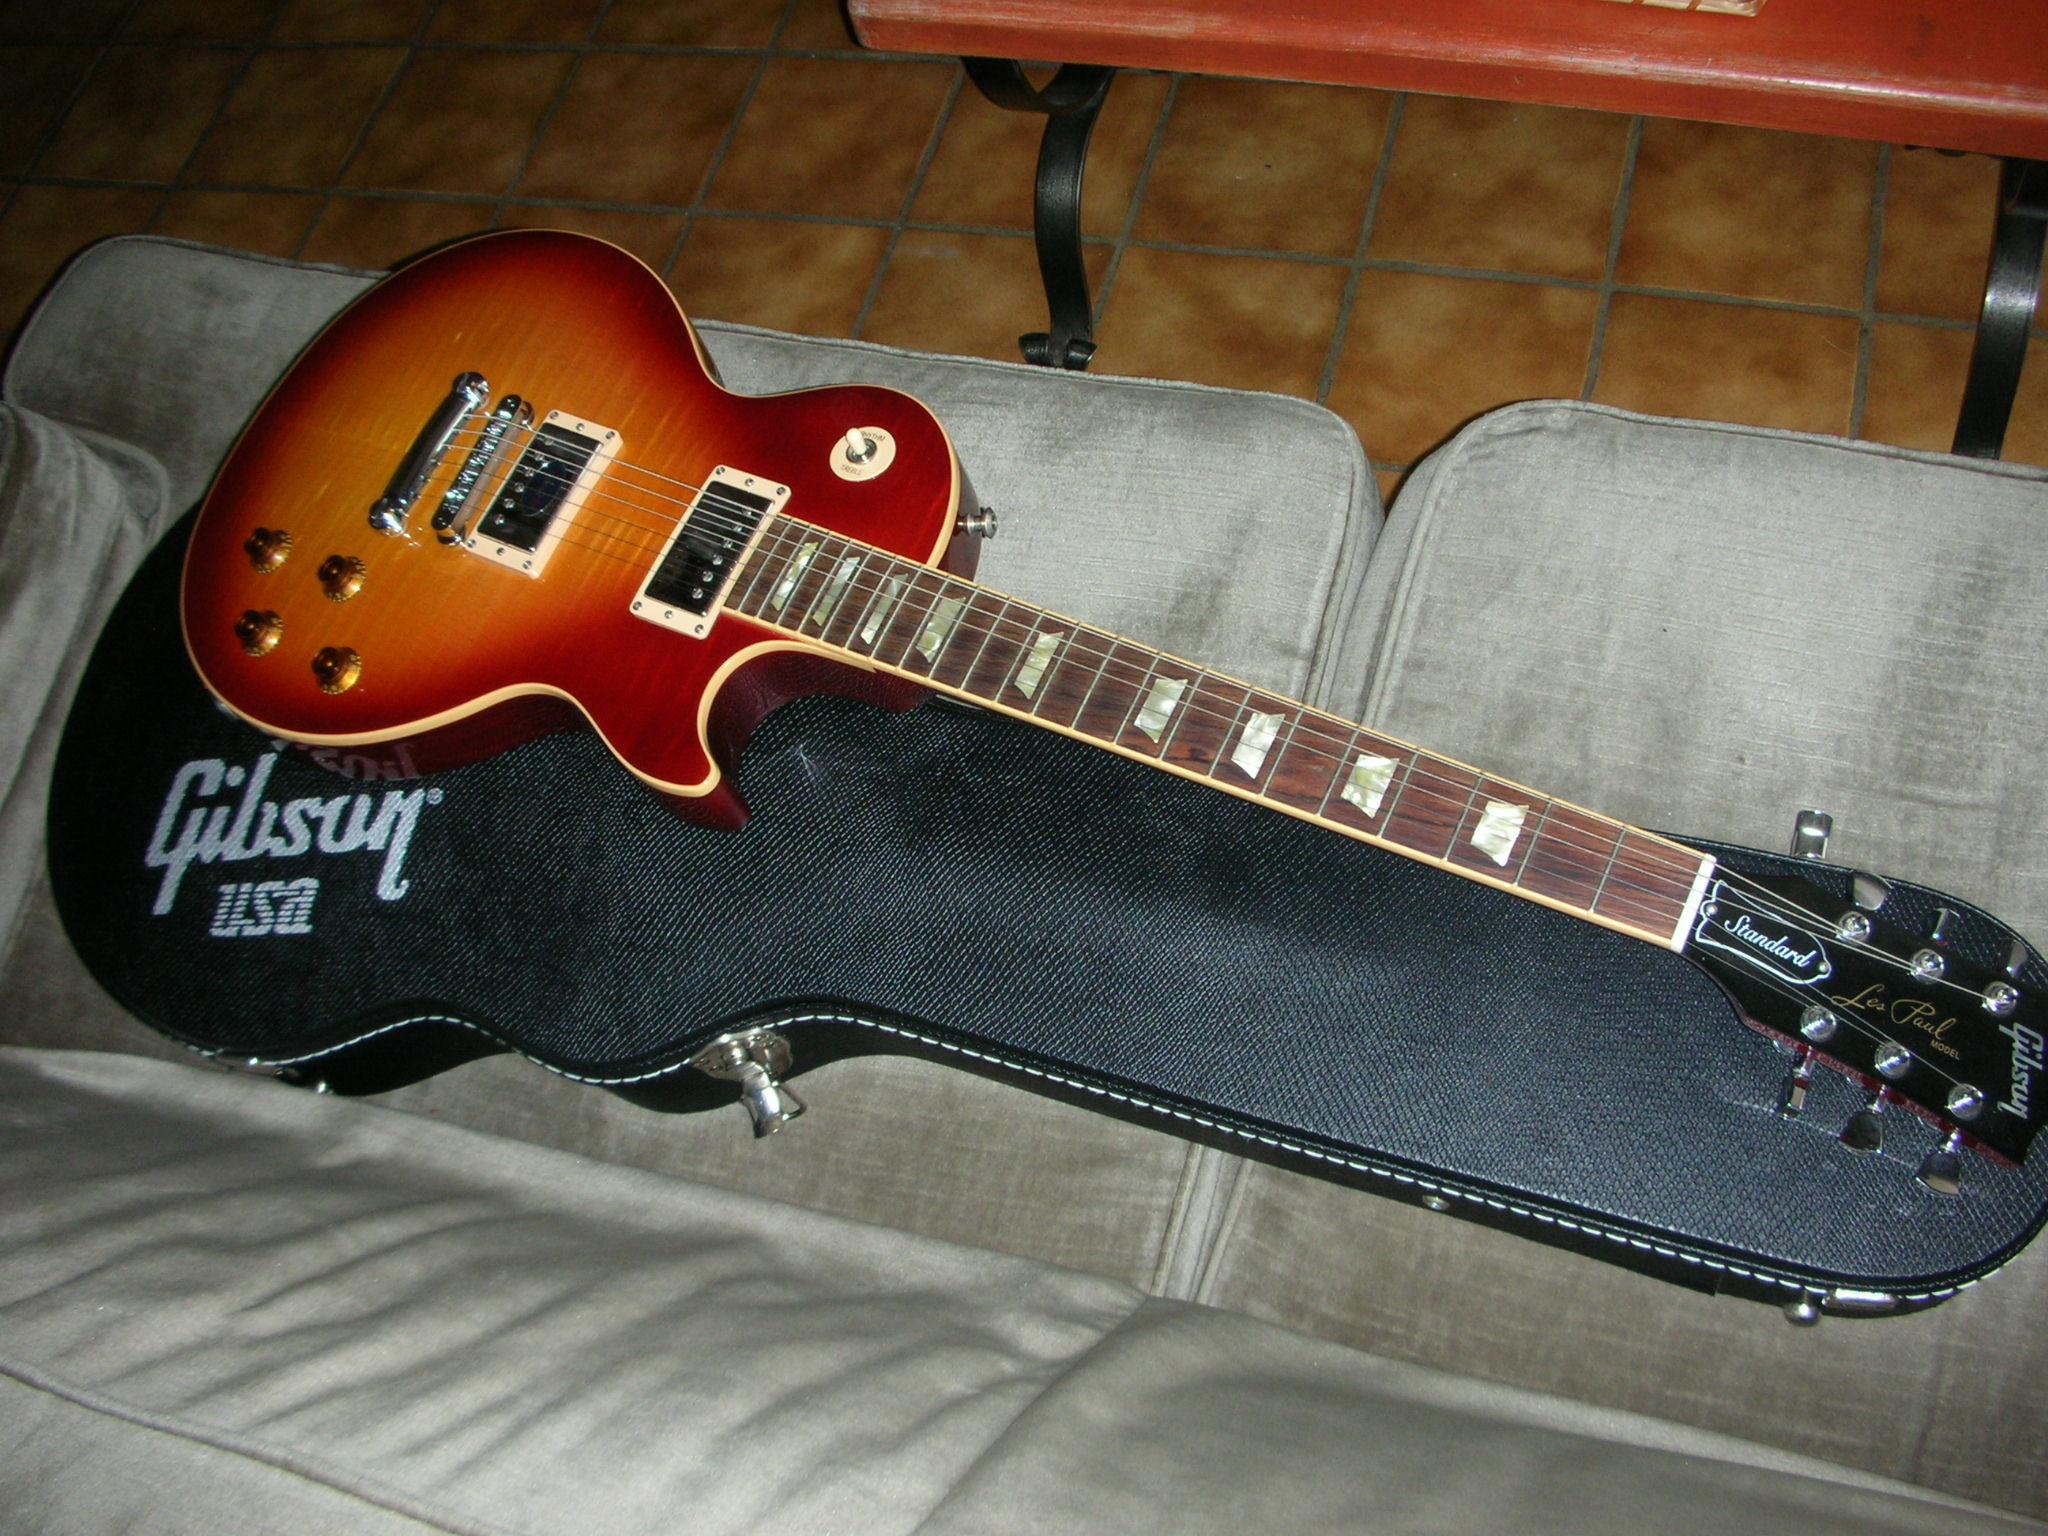 Gibson Les Paul Standard 2008 billybil83 images